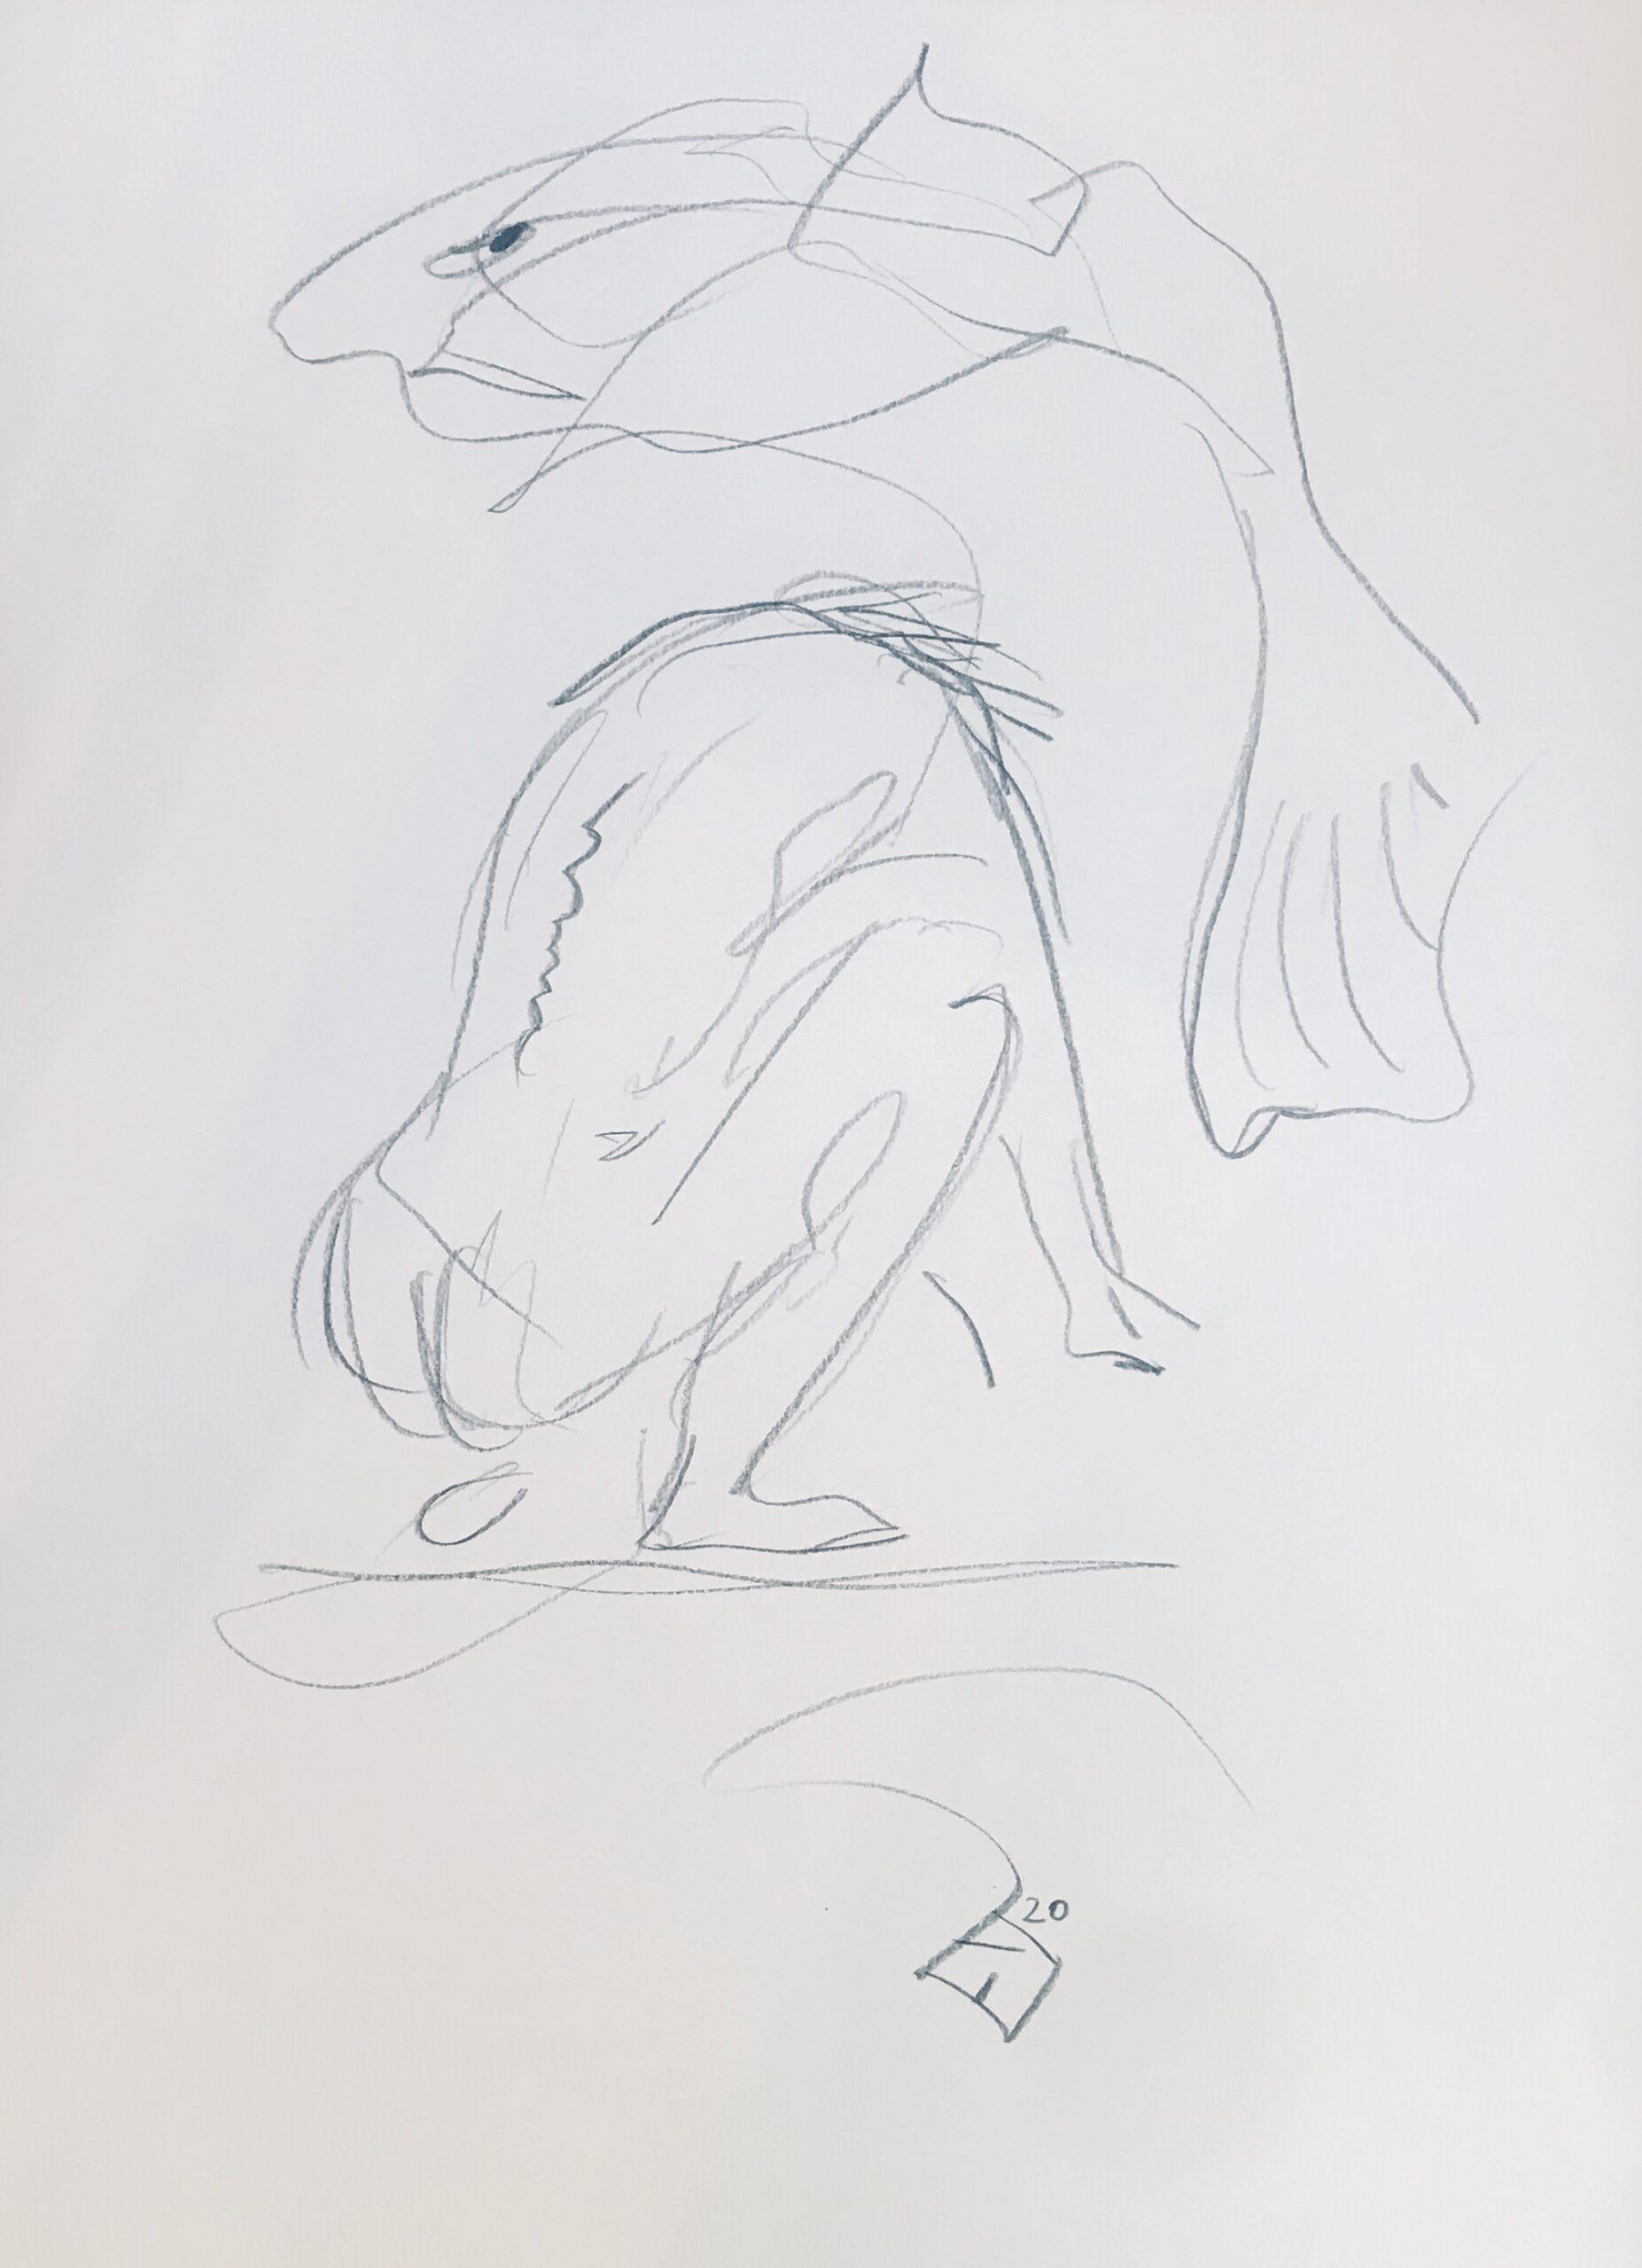 ZWEI NACKTE, 42x30, Bleistift, 2020